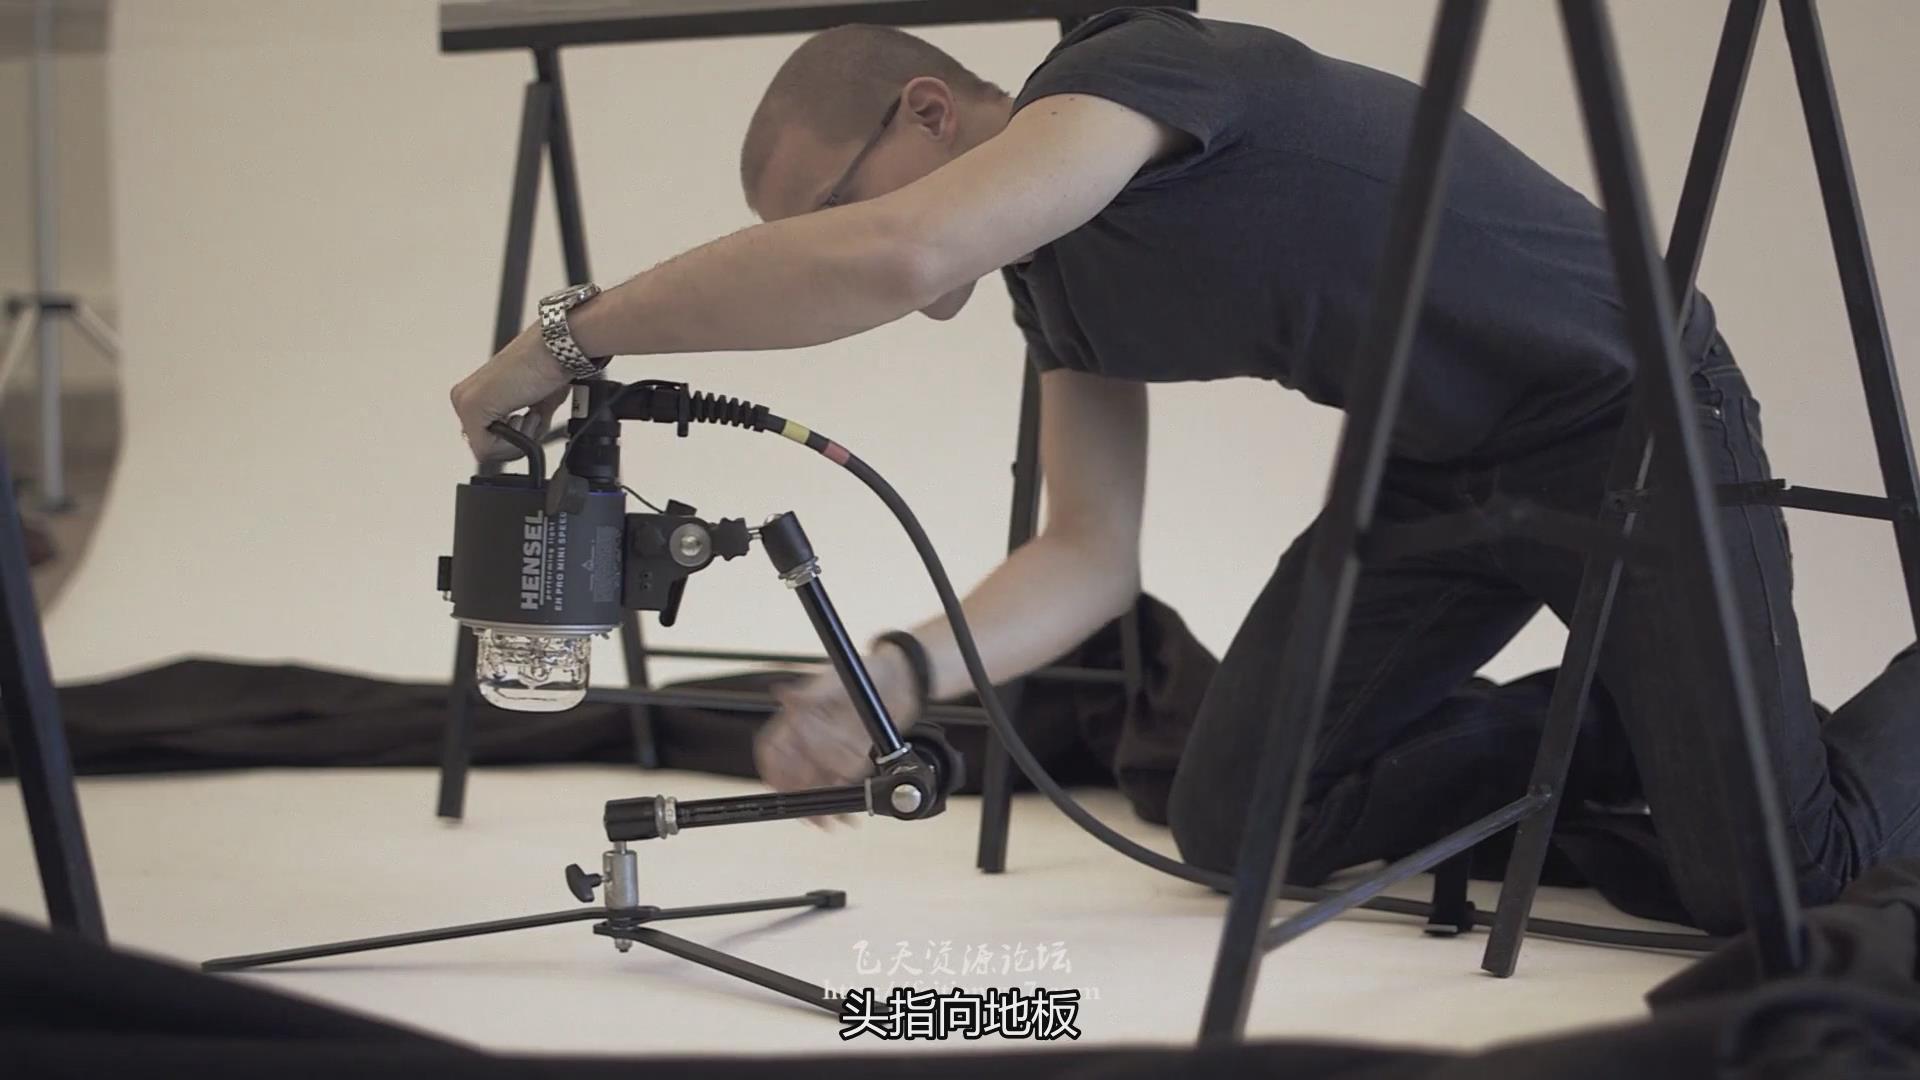 摄影教程_Fstoppers-Andreas H. Bitesnich商业人体私房摄影布光教程(中文字幕) 摄影教程 _预览图2